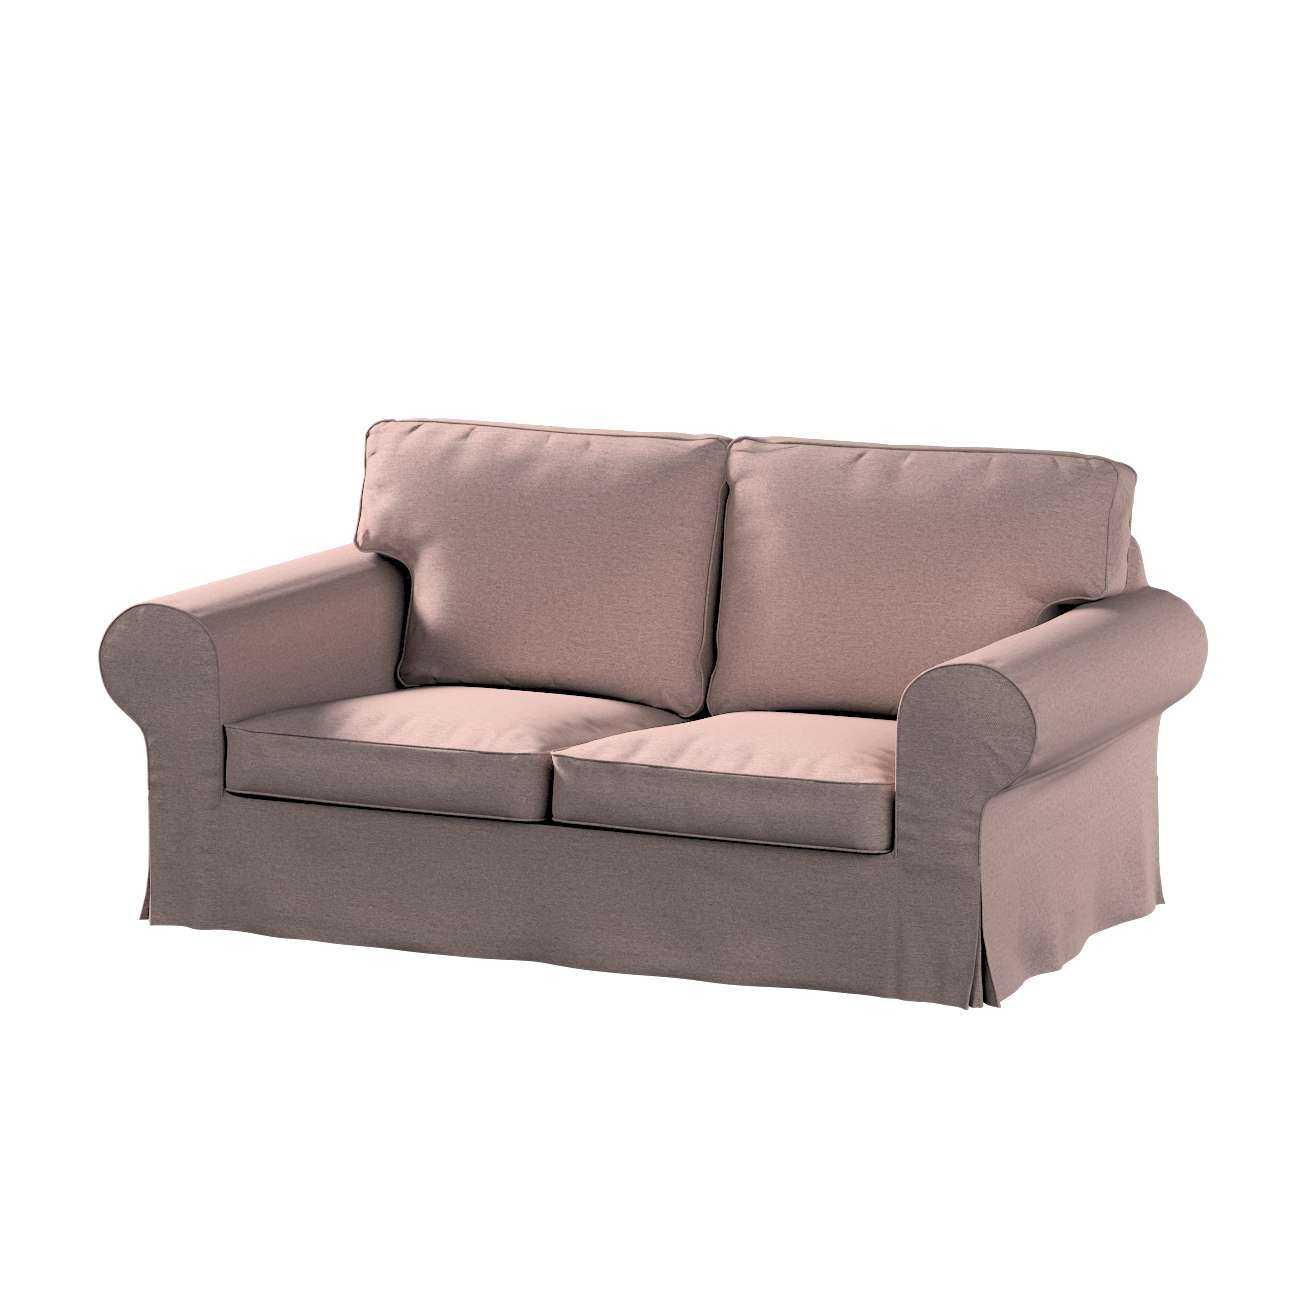 Pokrowiec na sofę Ektorp 2-osobową rozkładaną, model po 2012 w kolekcji Madrid, tkanina: 161-88